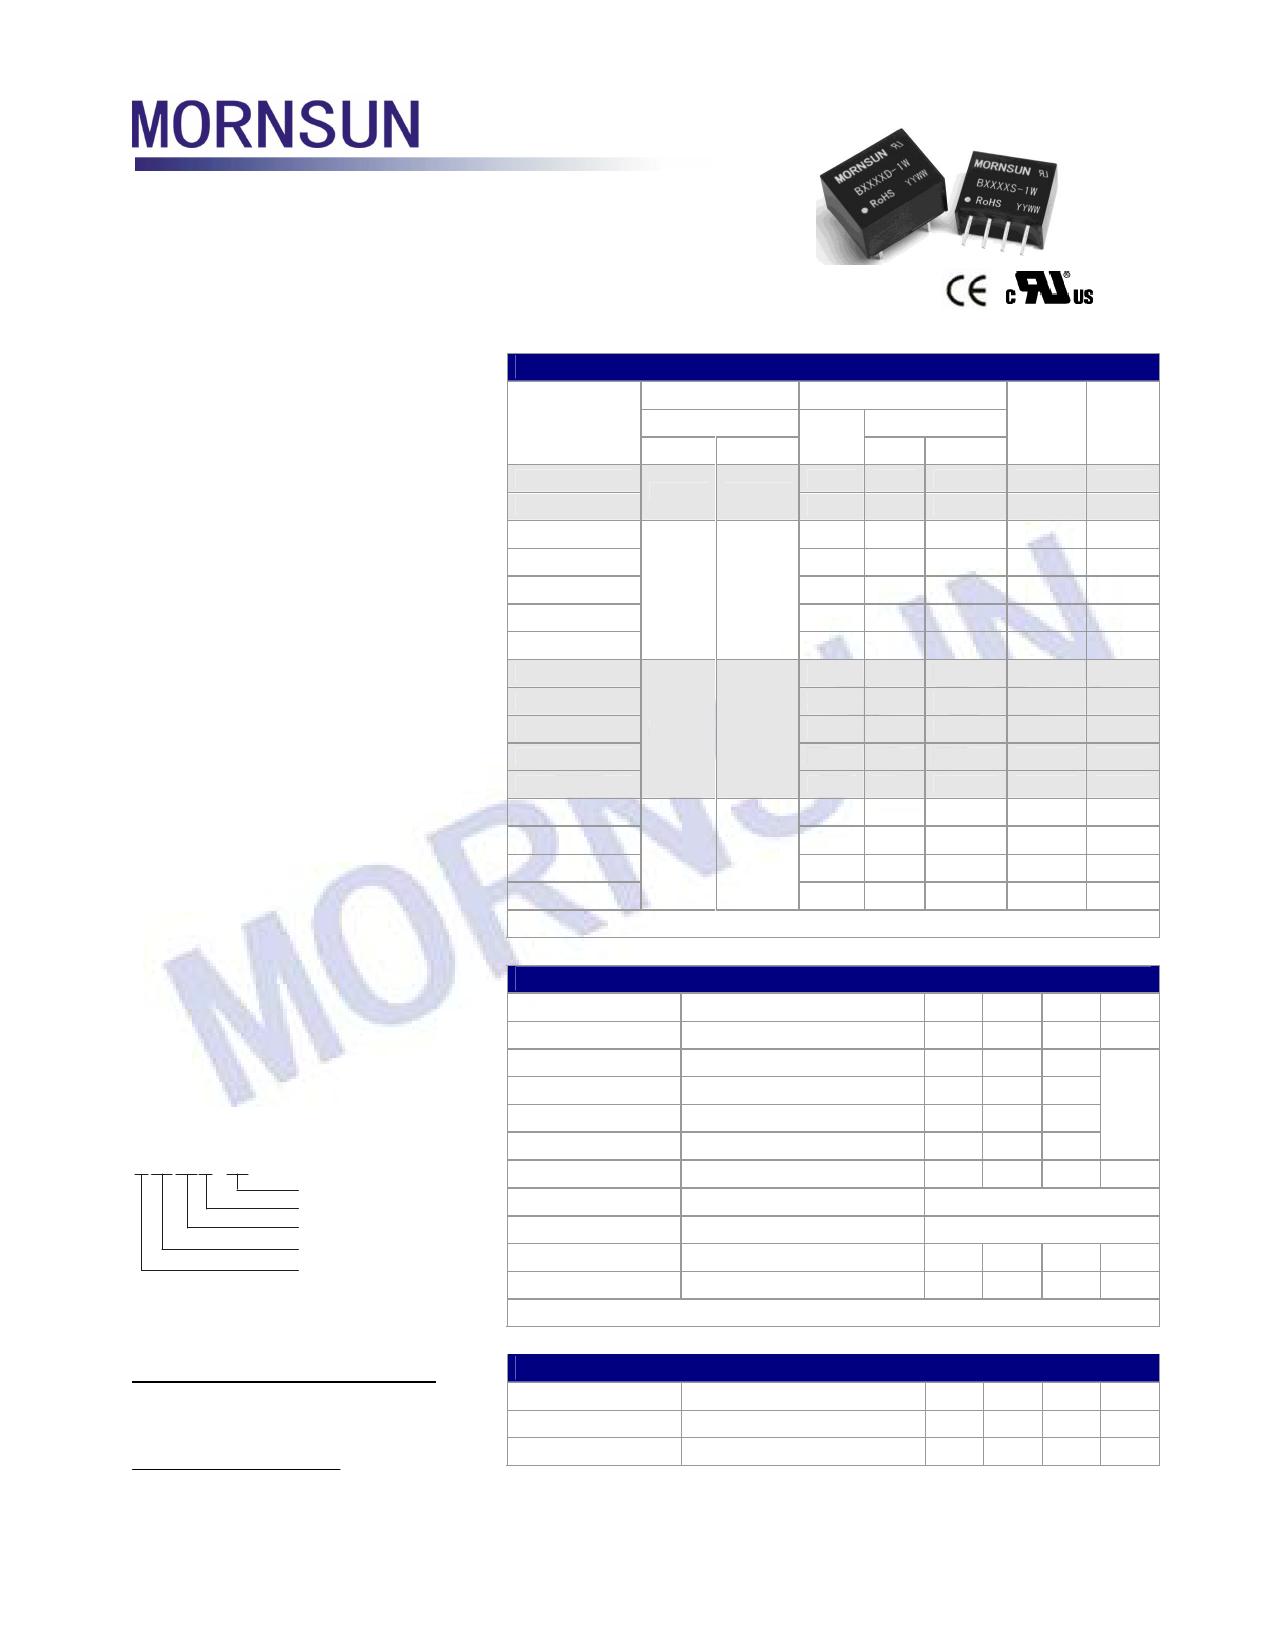 B0303S-1W Hoja de datos, Descripción, Manual